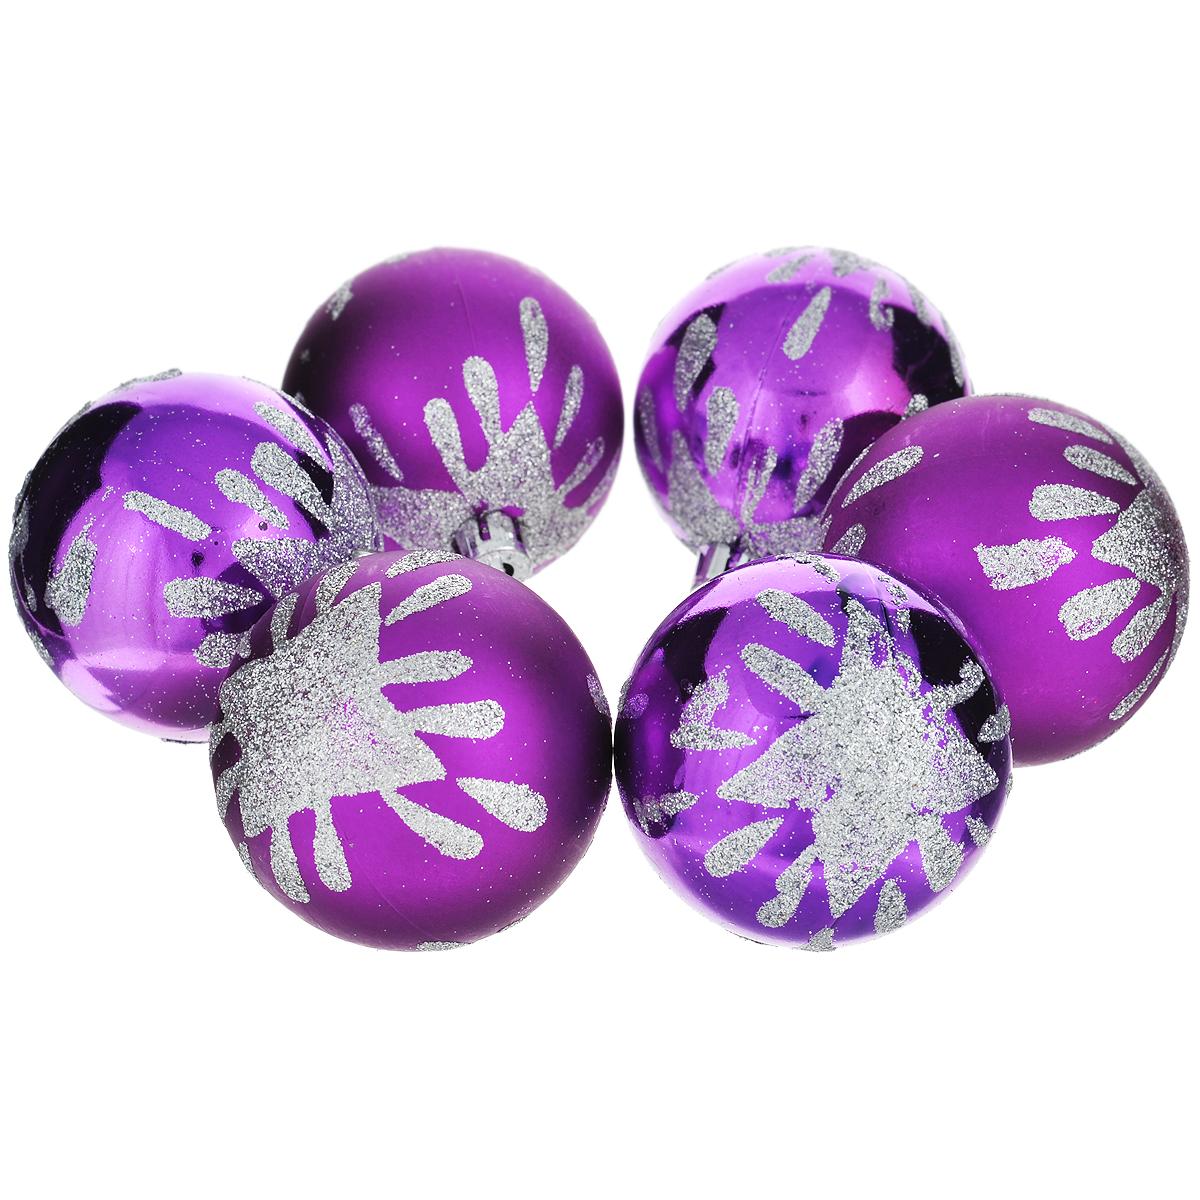 Набор новогодних подвесных украшений Шар, цвет: фиолетовый, диаметр 6 см, 6 шт. 3552435524Набор новогодних подвесных украшений Шар прекрасно подойдет для праздничного декора новогодней ели. Состоит из шести пластиковых шаров. Елочная игрушка - символ Нового года. Она несет в себе волшебство и красоту праздника. Создайте в своем доме атмосферу веселья и радости, украшая новогоднюю елку нарядными игрушками, которые будут из года в год накапливать теплоту воспоминаний. Коллекция декоративных украшений принесет в ваш дом ни с чем несравнимое ощущение волшебства! Откройте для себя удивительный мир сказок и грез. Почувствуйте волшебные минуты ожидания праздника, создайте новогоднее настроение вашим дорогим и близким.